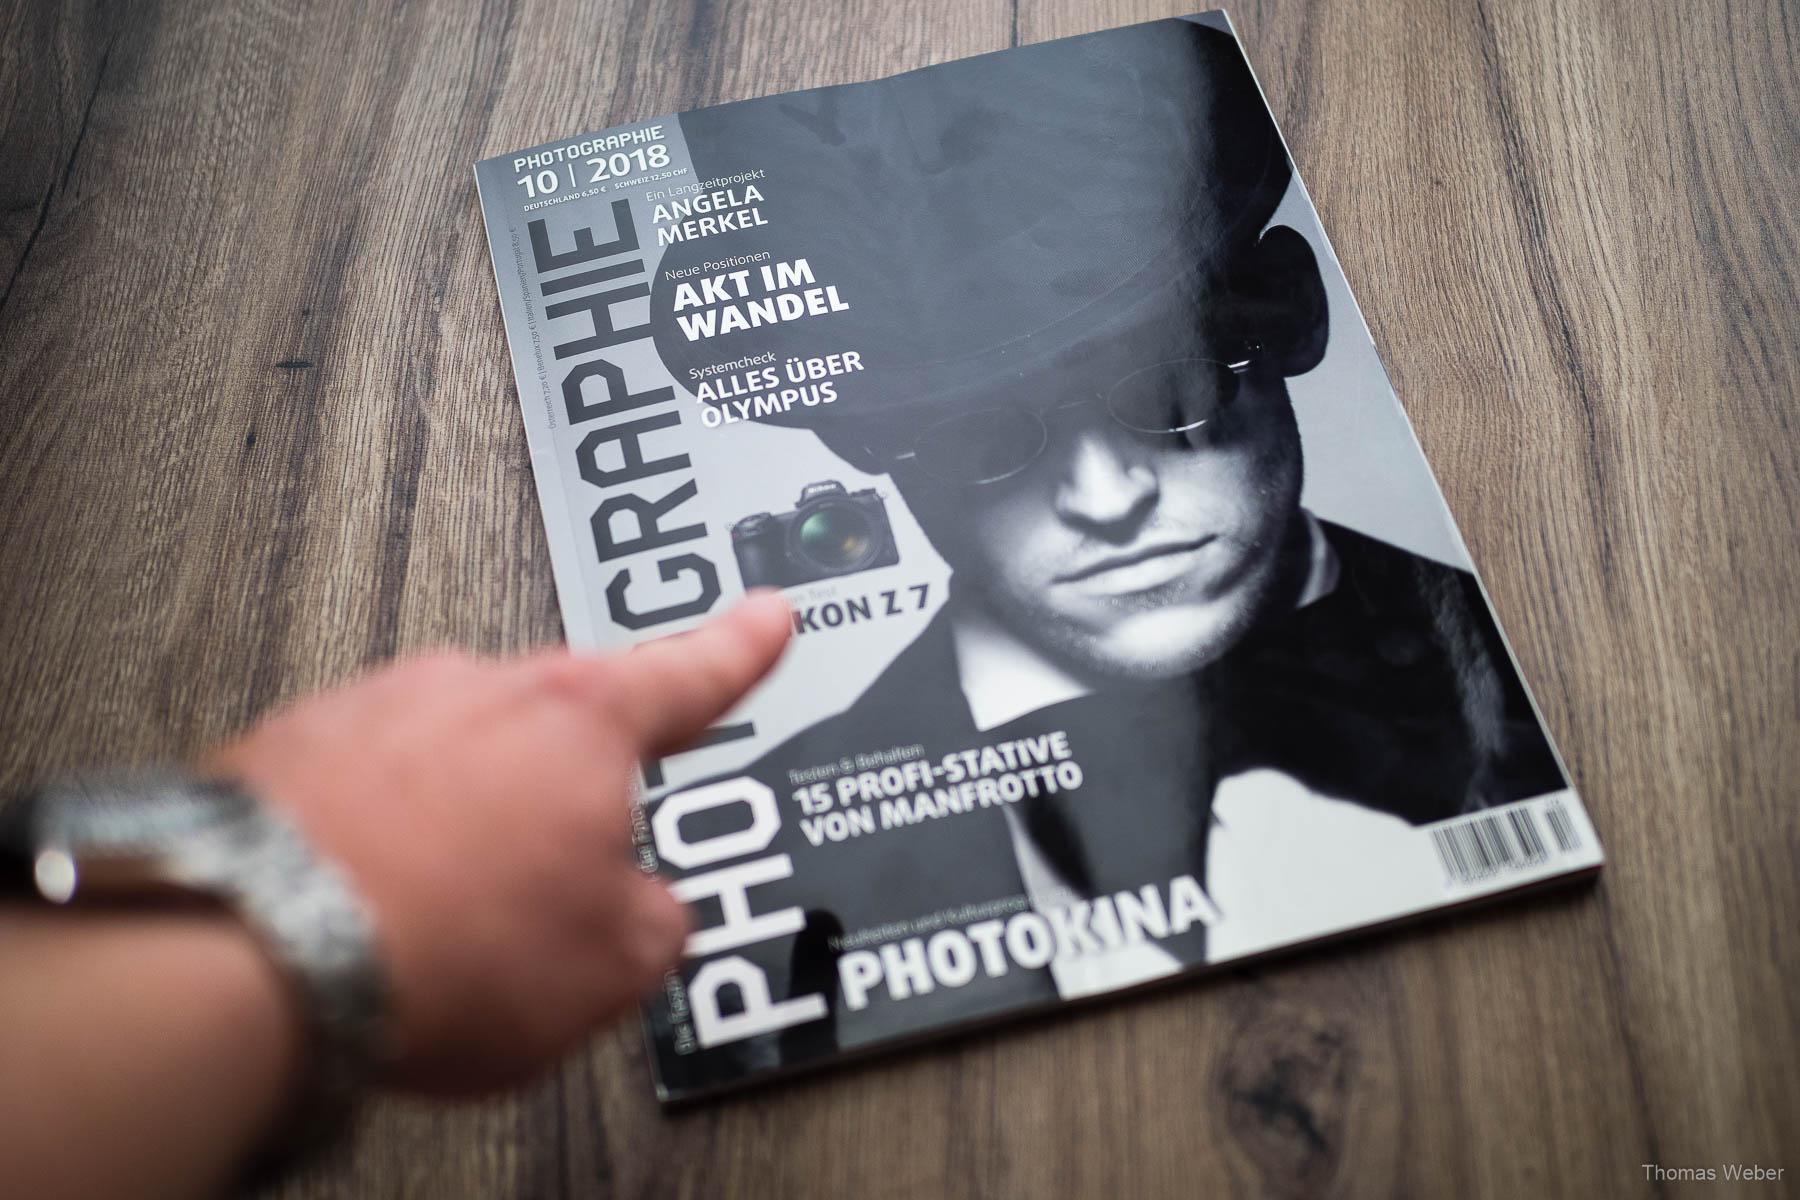 Siegerbilder in einem Fotowettbwerb des Fachmagazines PHOTOGRAPHIE